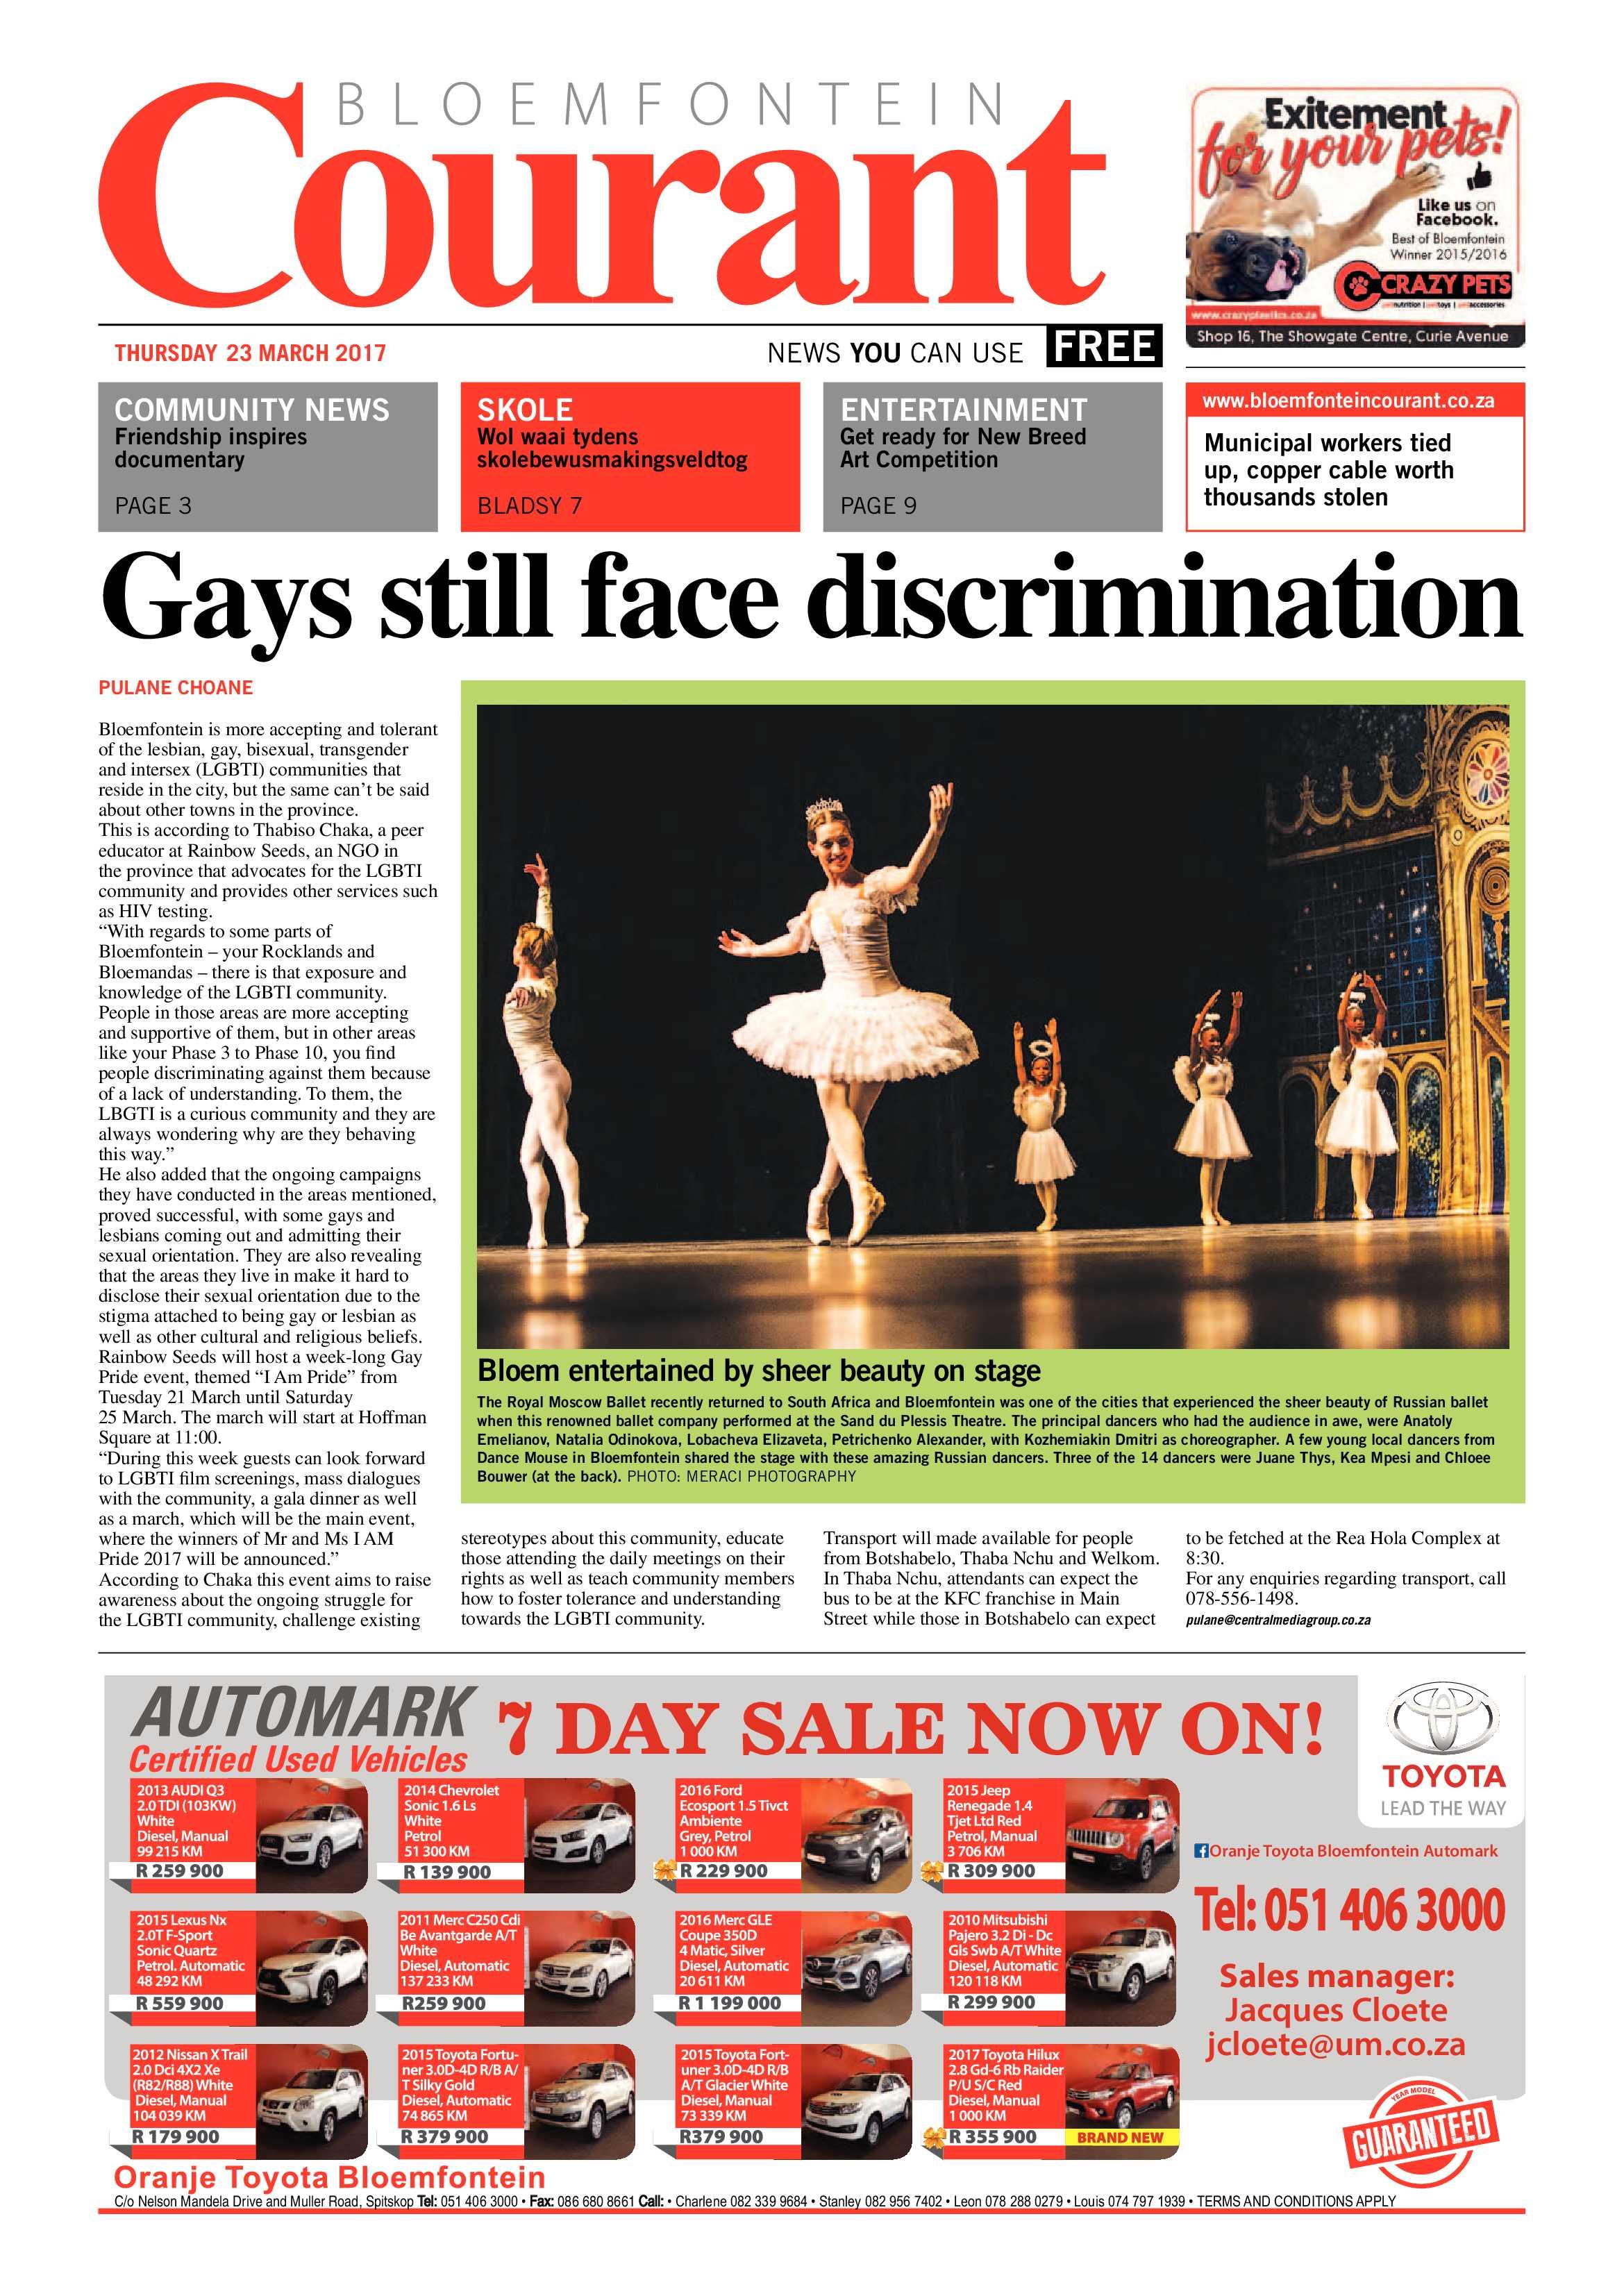 23 March 2017 Bloemfontein Courant Bloemfontein Courant